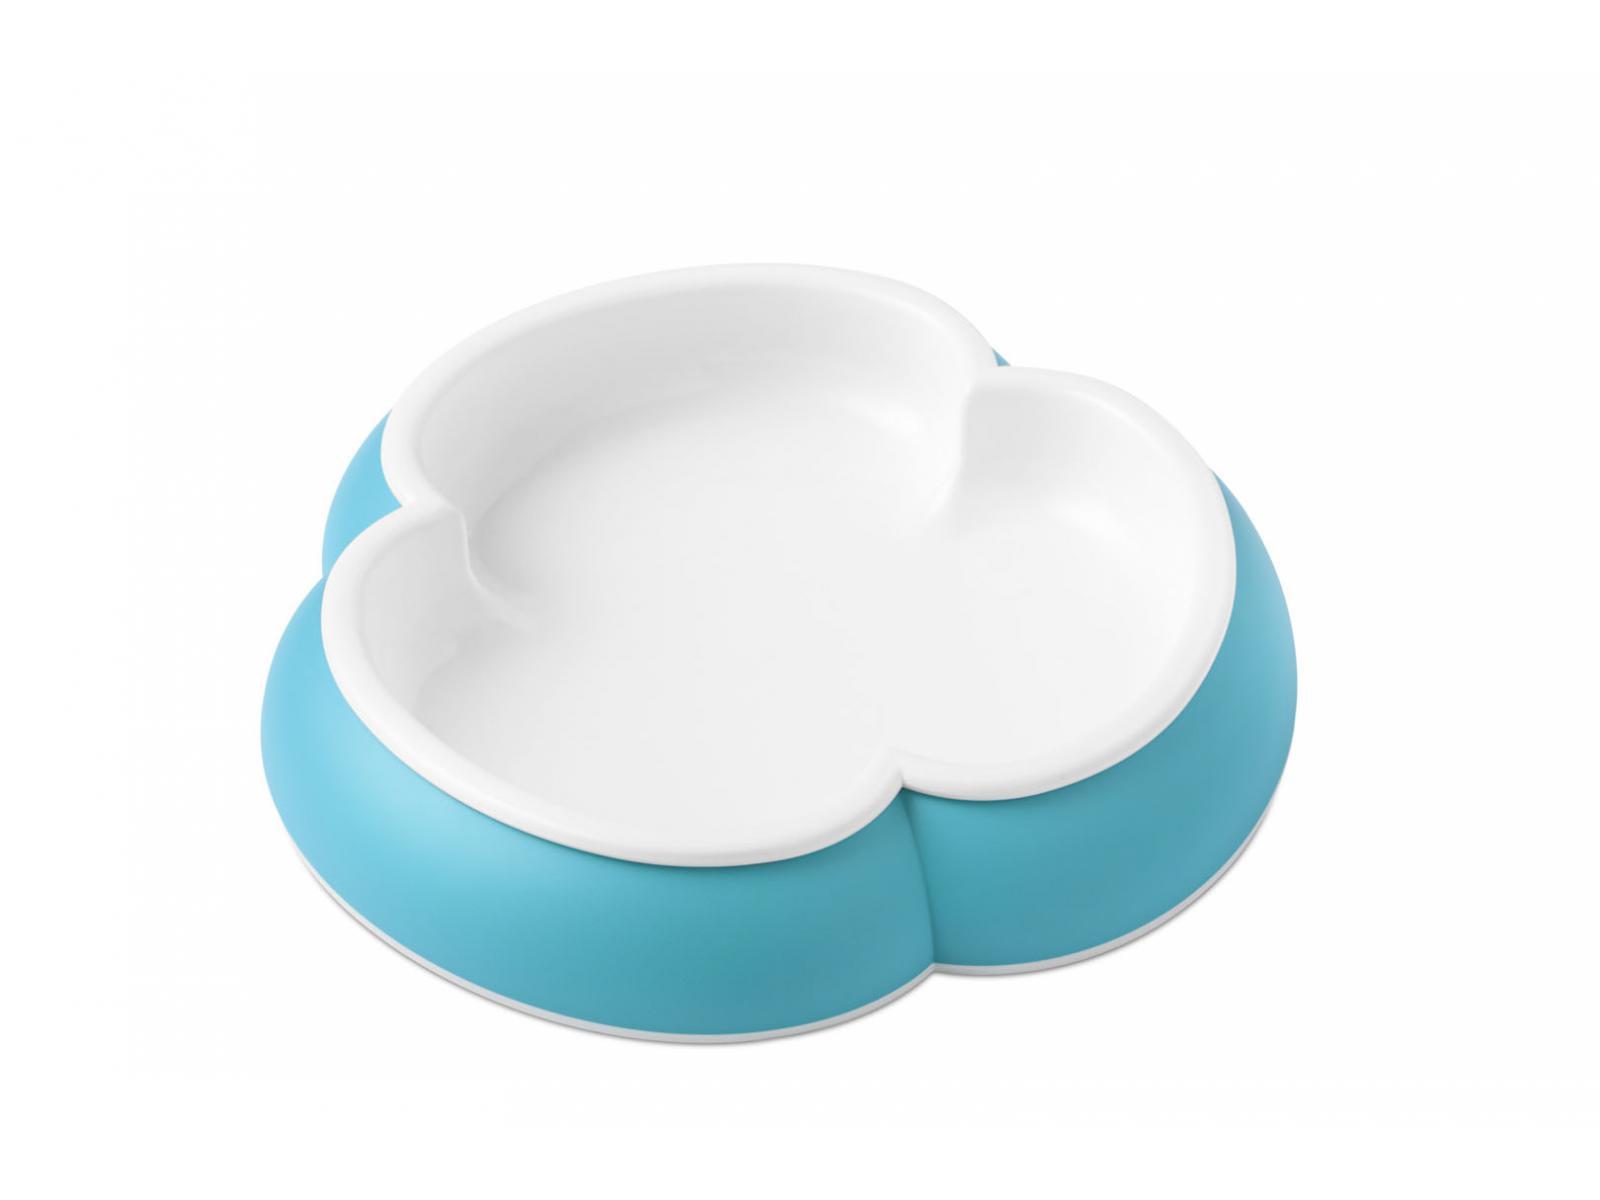 babybjorn assiette cuill re et fourchette pour b b lot de 2 orange turquoise. Black Bedroom Furniture Sets. Home Design Ideas